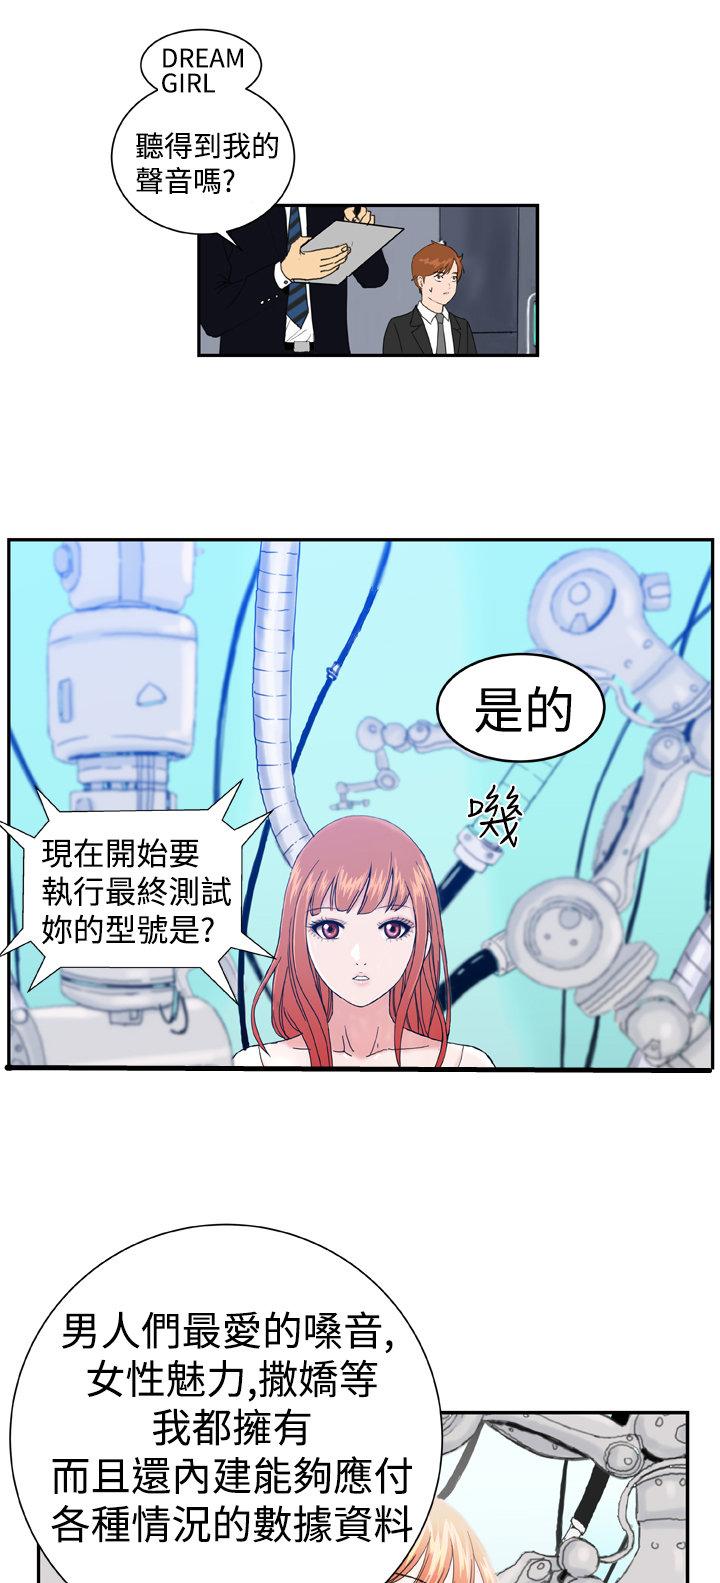 韩漫Dream girl/机器女友极品韩漫网